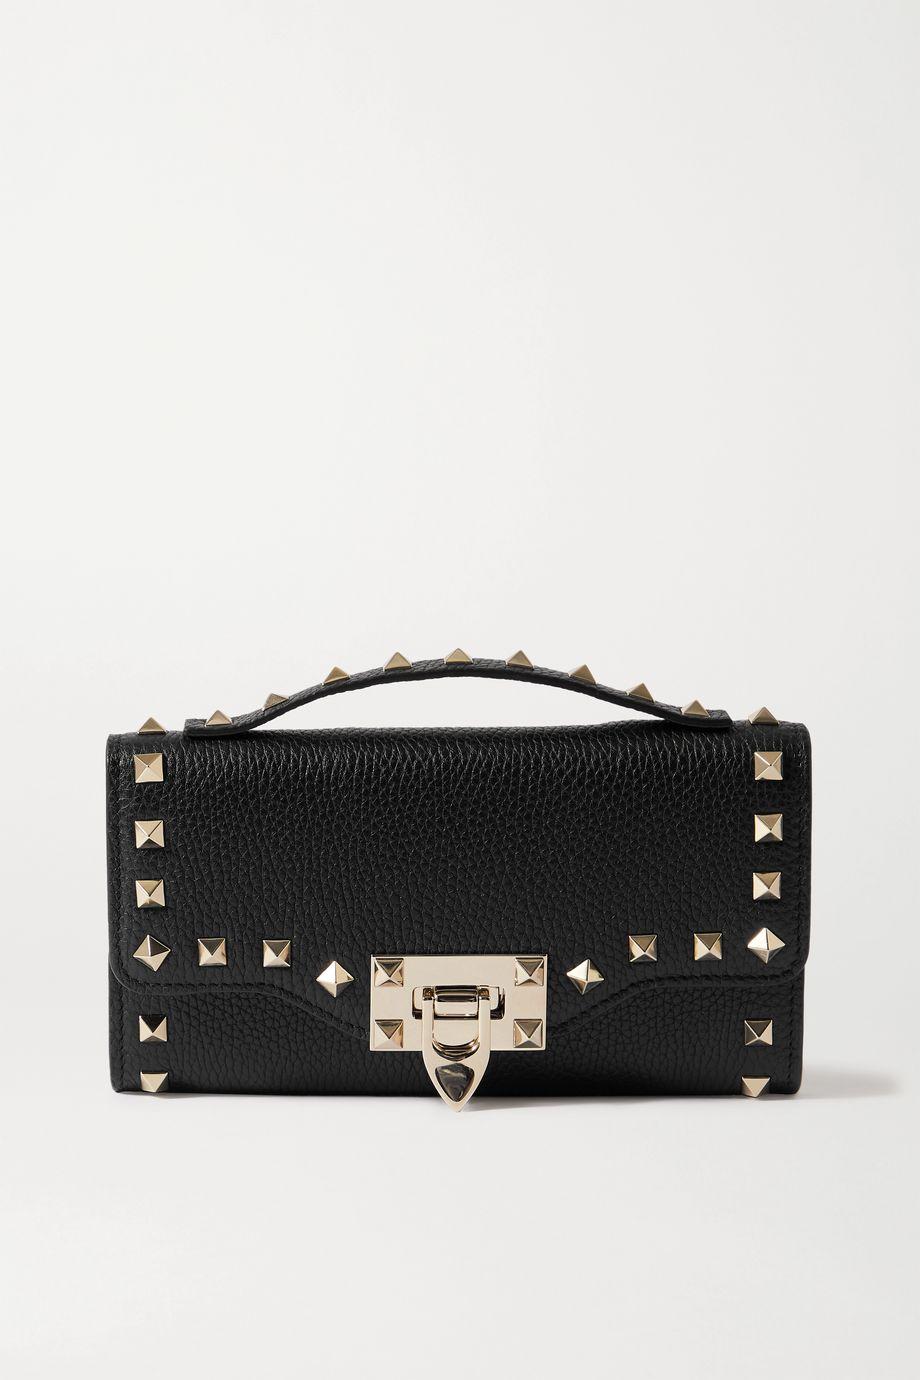 Valentino Valentino Garavani Rockstud textured-leather clutch